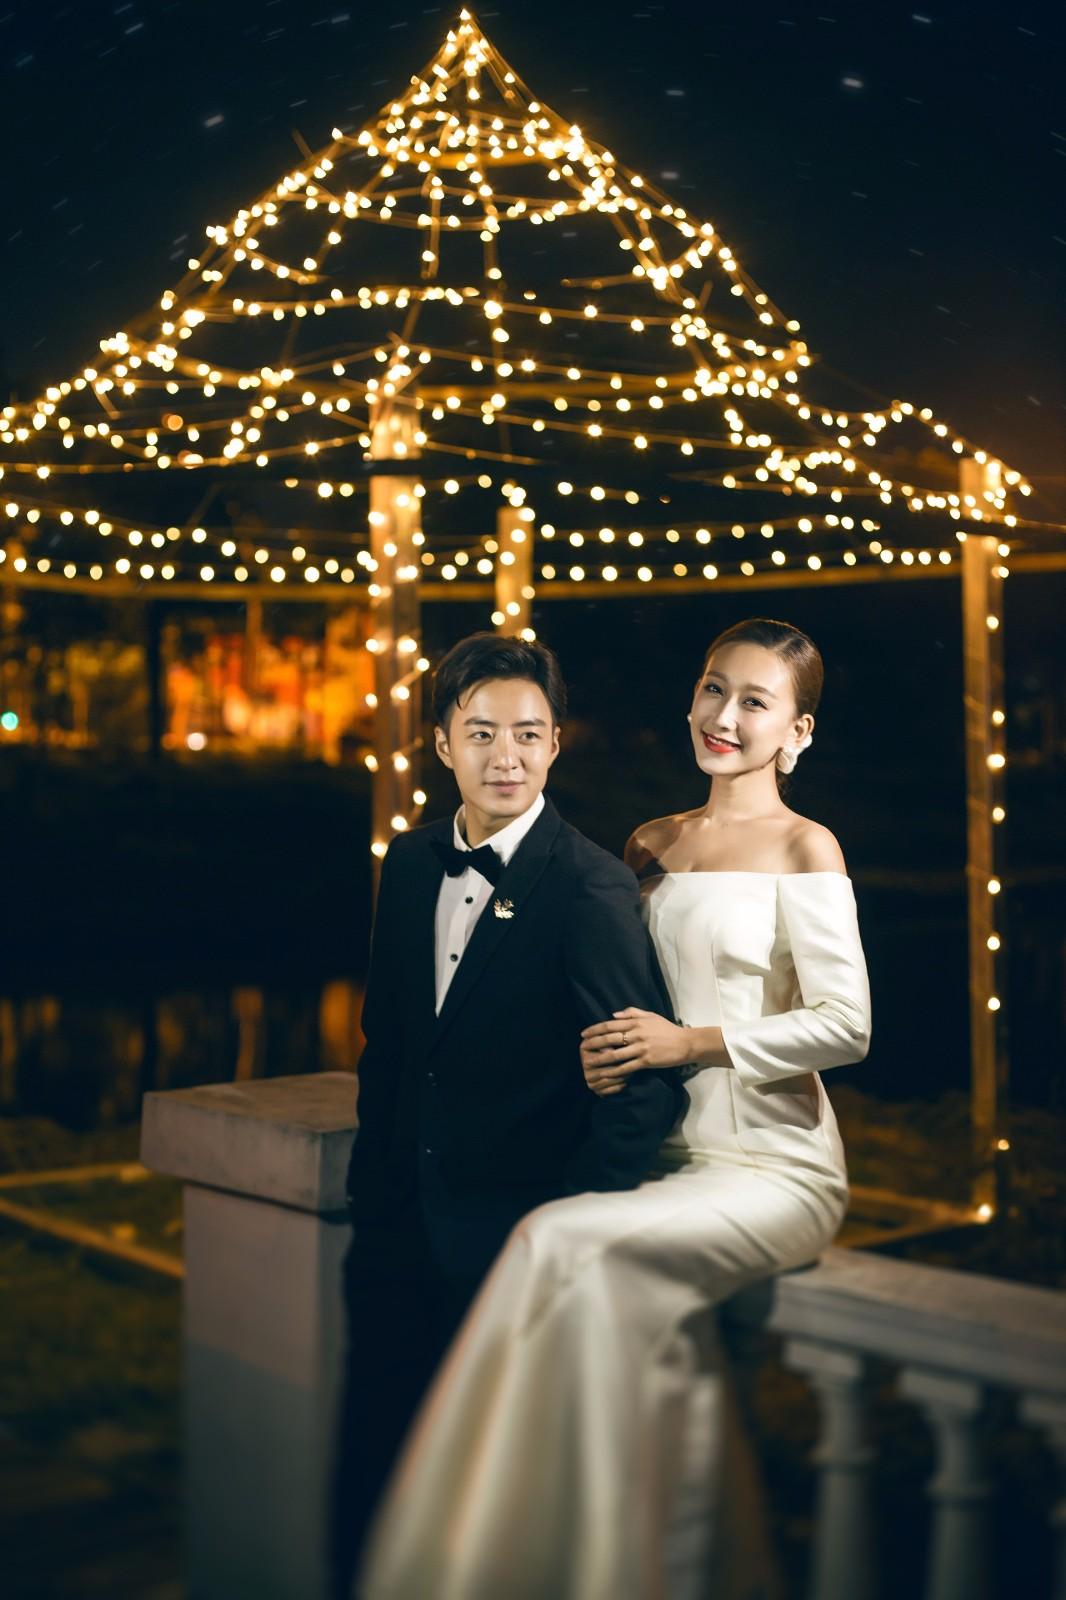 户外婚纱照拍摄注意事项都有哪些应该注意的